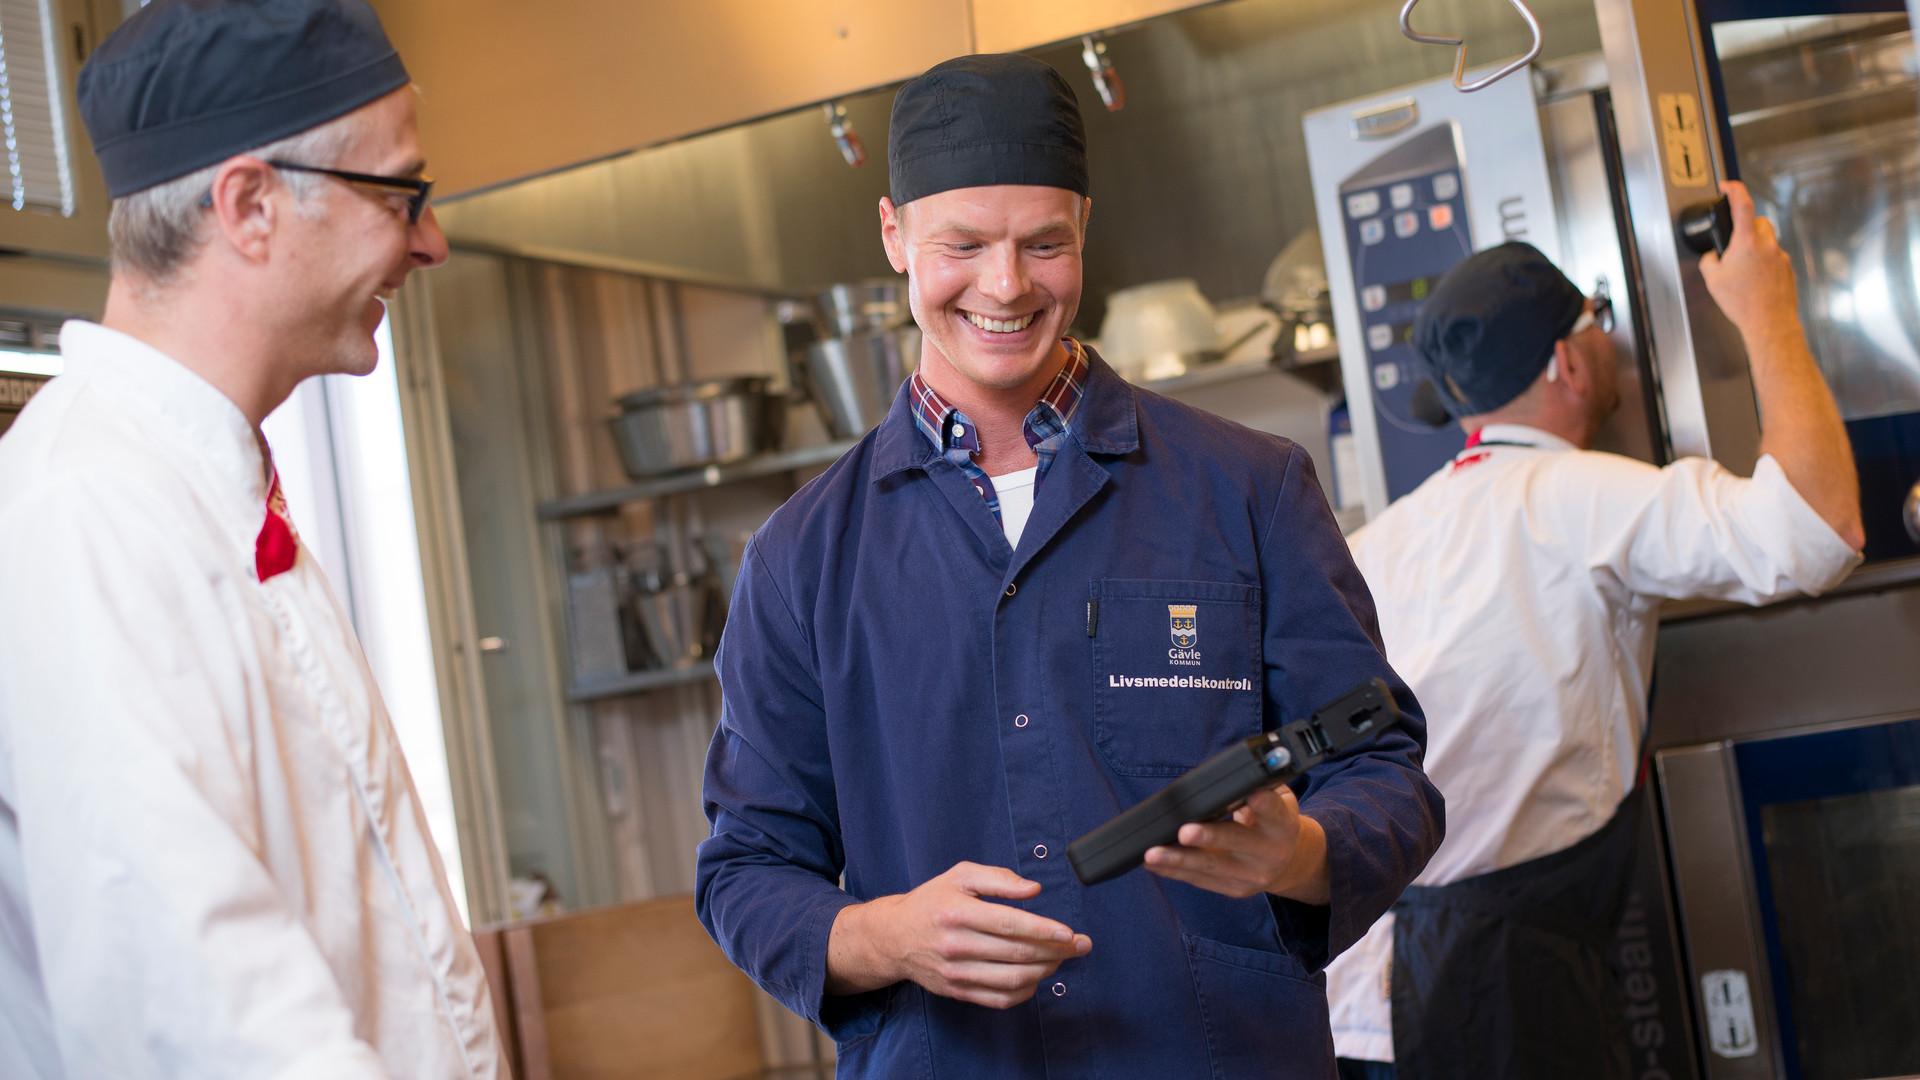 Glada män i restaurangkök.